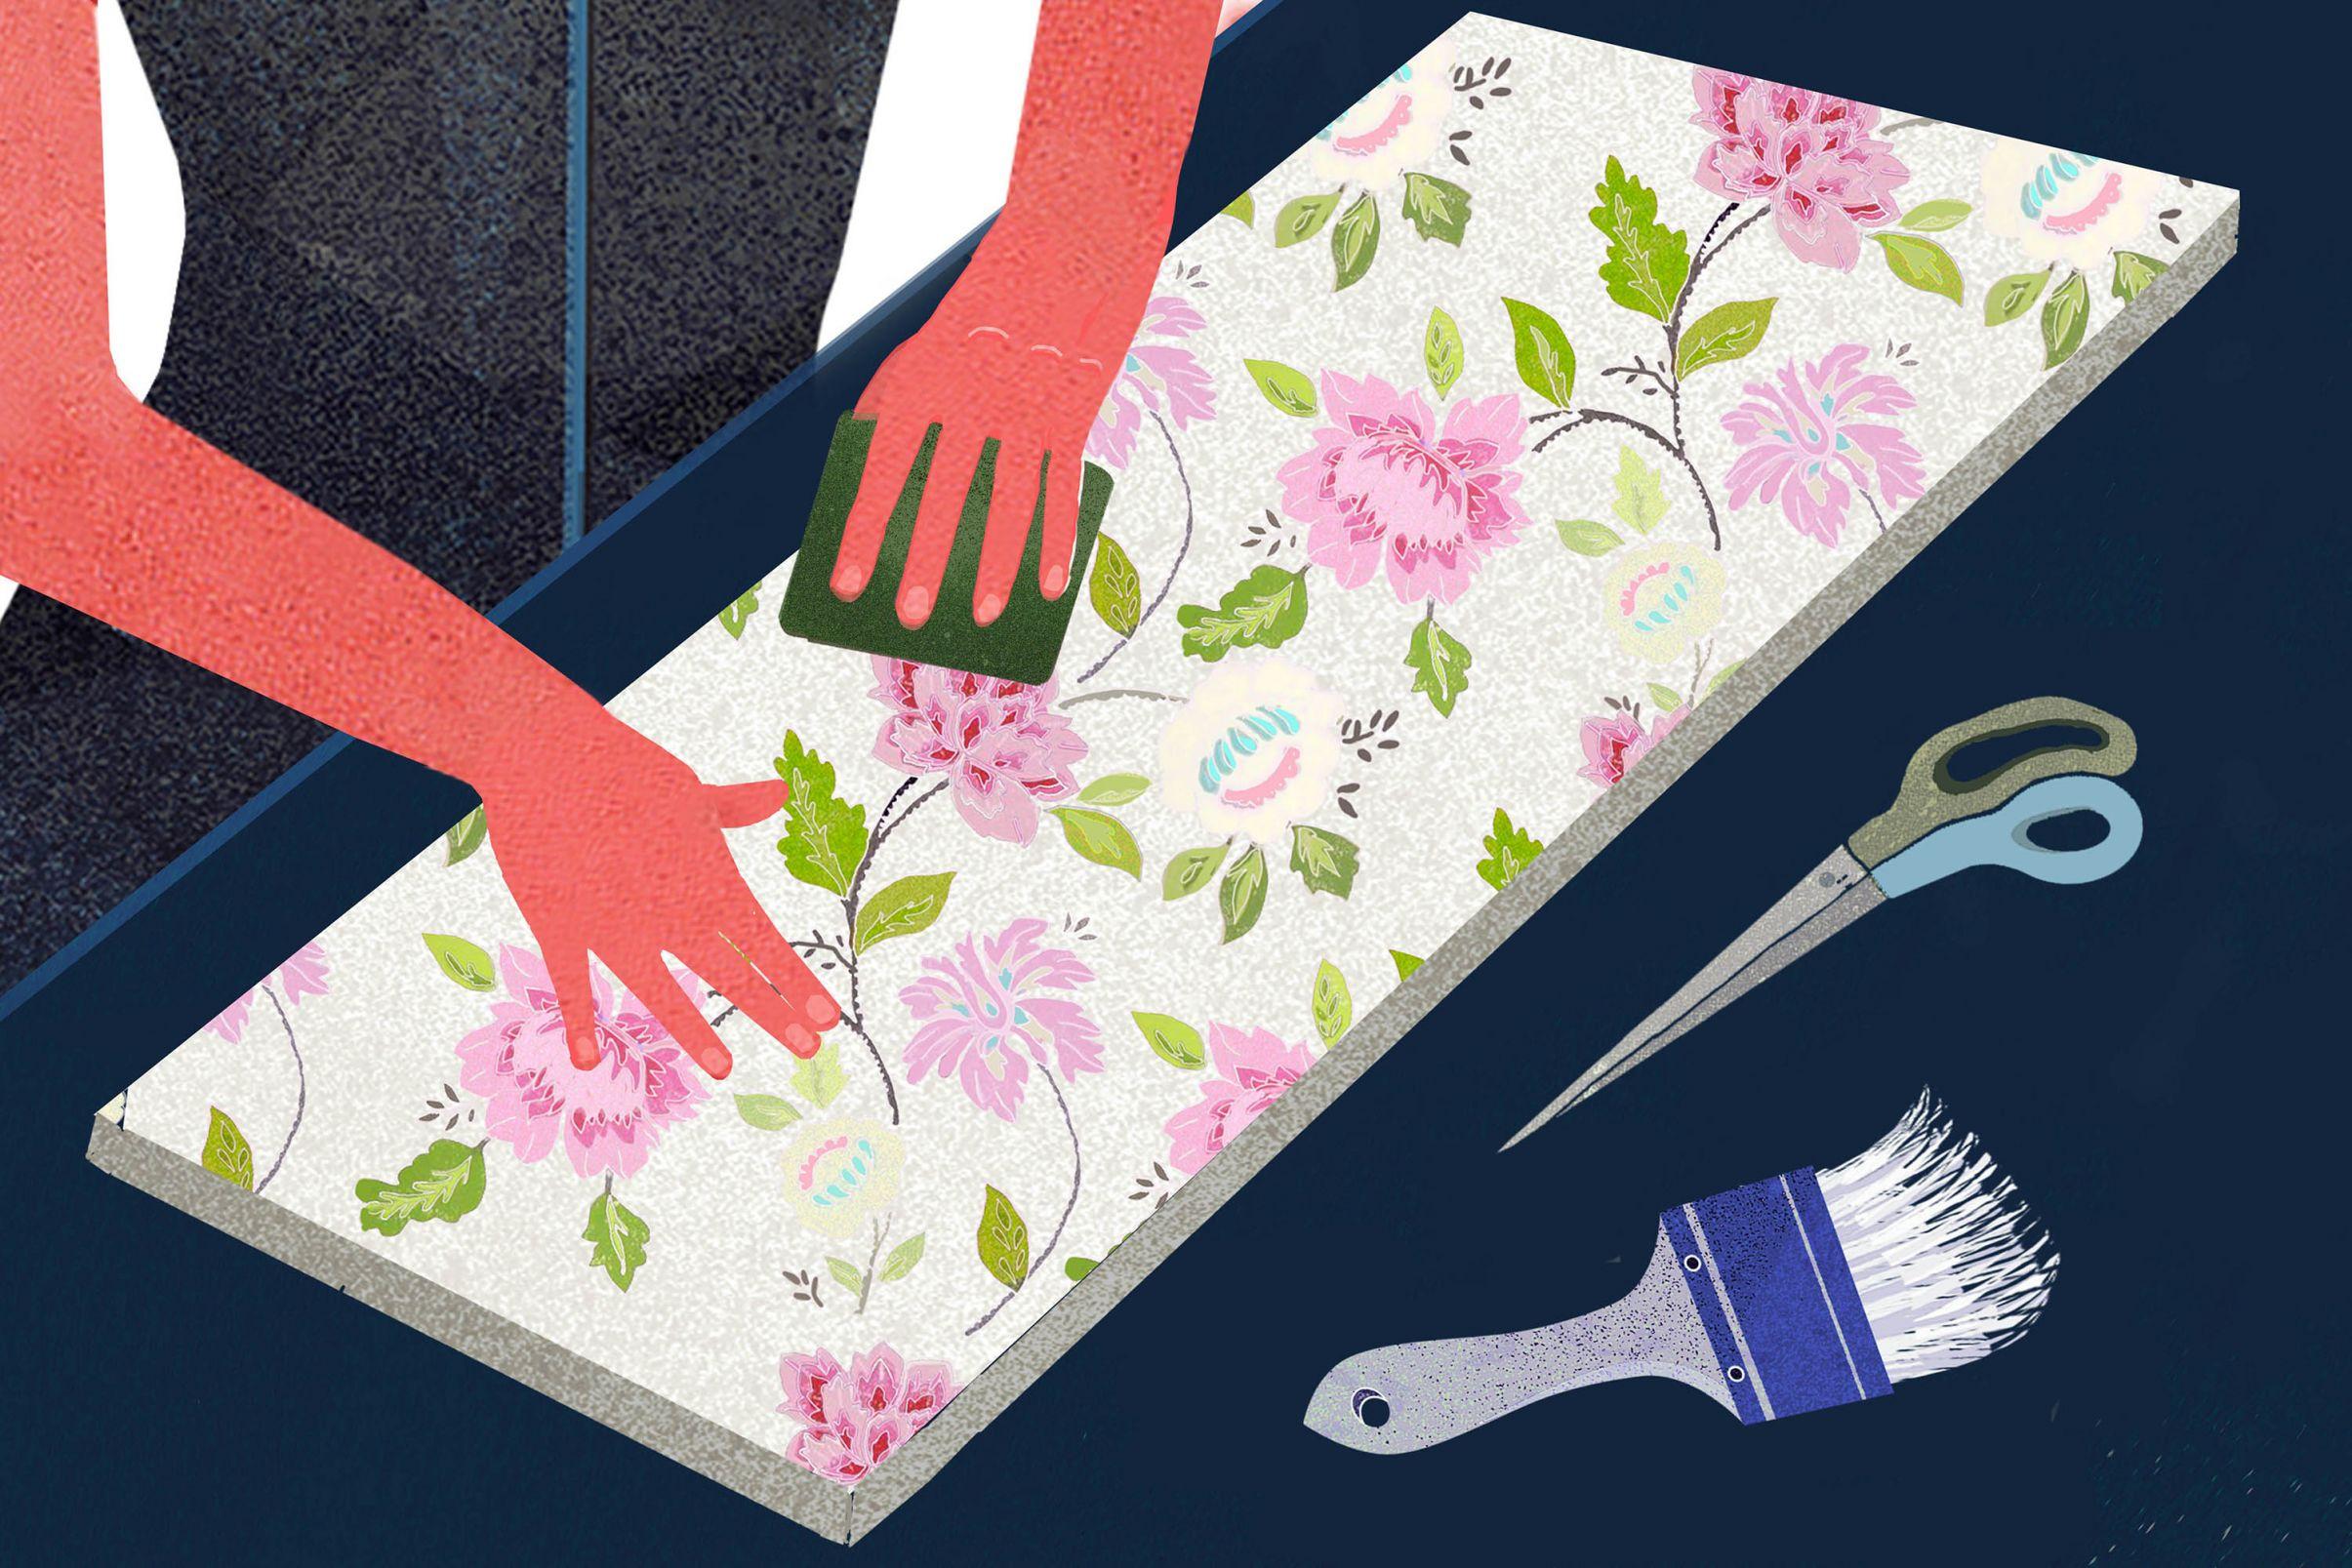 Come-decorare-i-vostri-mobili-con-la-carta-da-parati-Pretagliare-ed-applicare-la-carta-da-parati